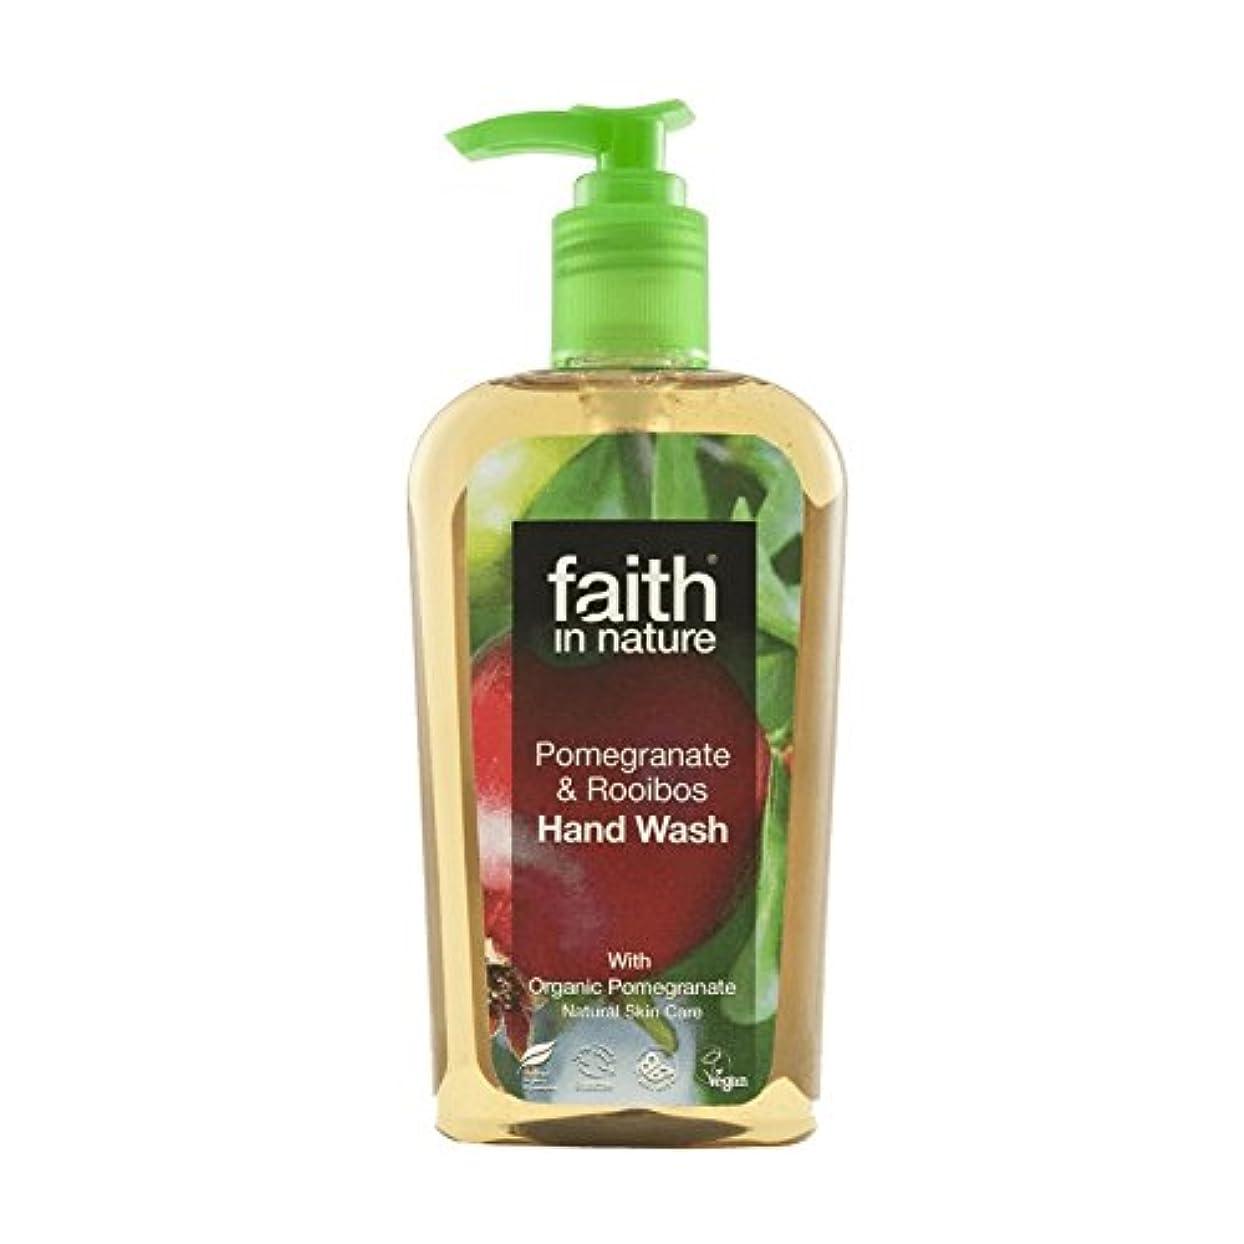 アレキサンダーグラハムベル手錠おなかがすいた自然ザクロ&ルイボス手洗いの300ミリリットルの信仰 - Faith In Nature Pomegranate & Rooibos Handwash 300ml (Faith in Nature) [並行輸入品]